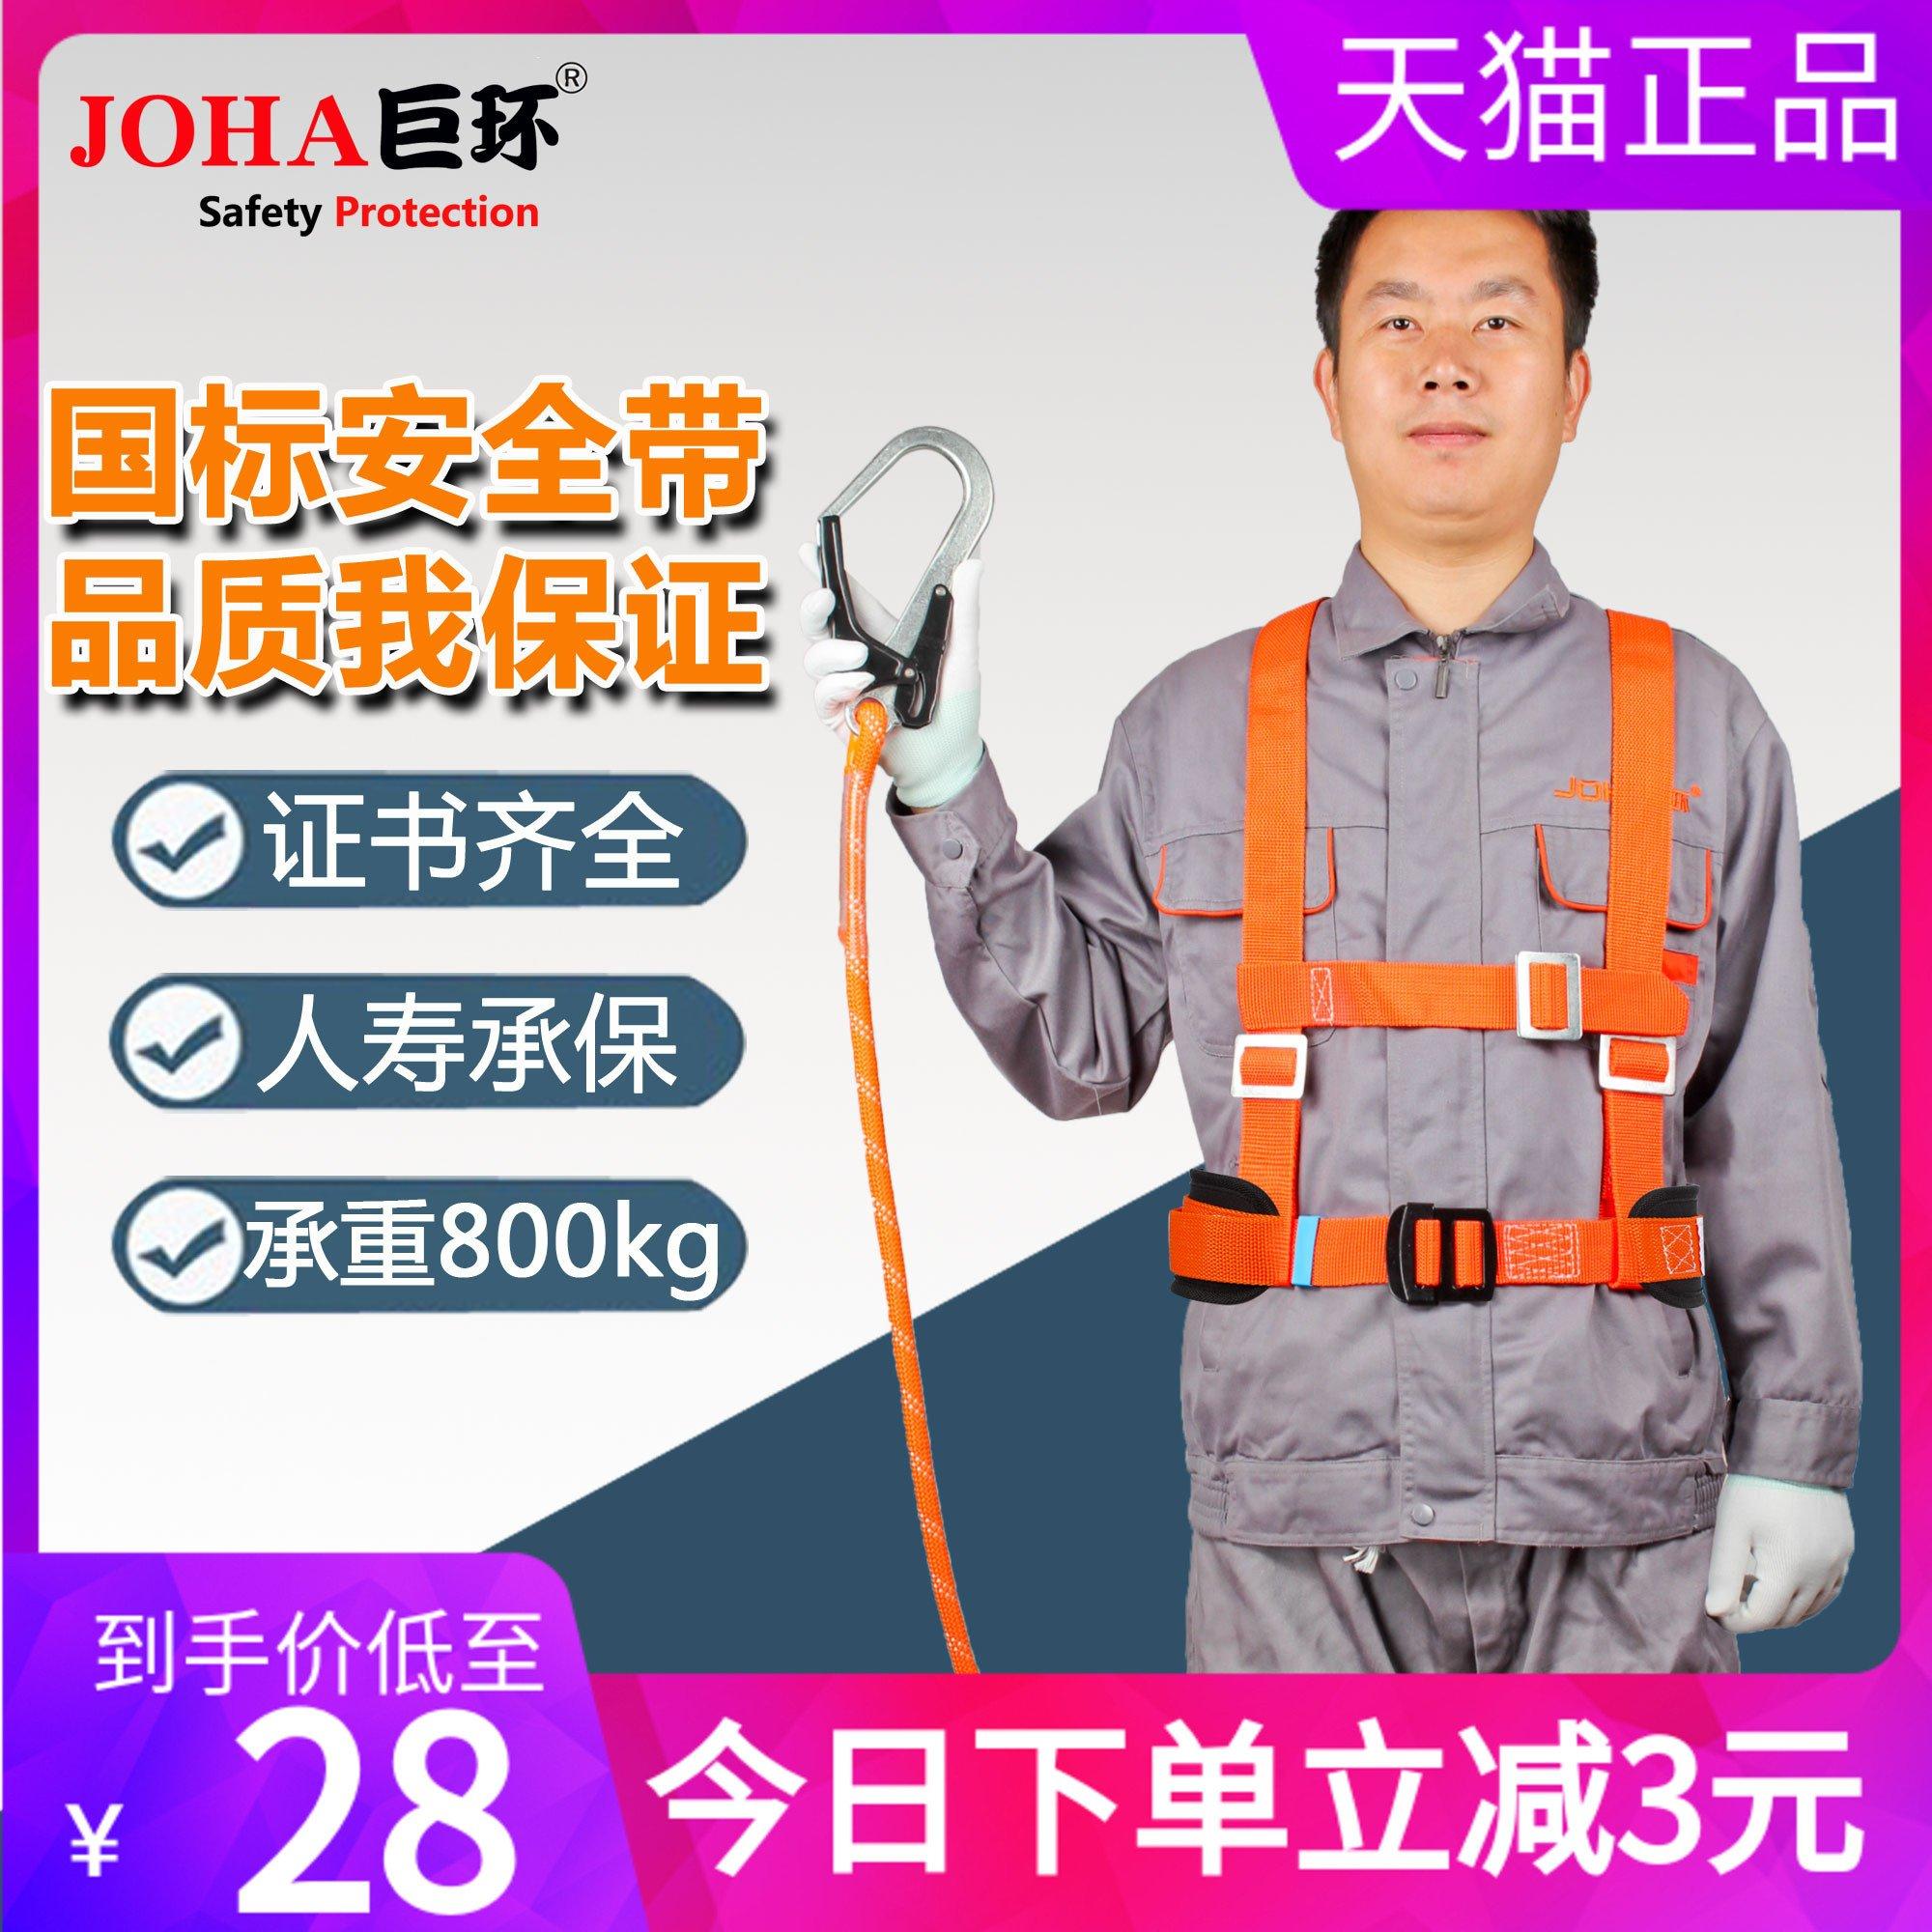 joha高空作业安全带半身五点式耐磨保险防坠落户外国标安全绳套装